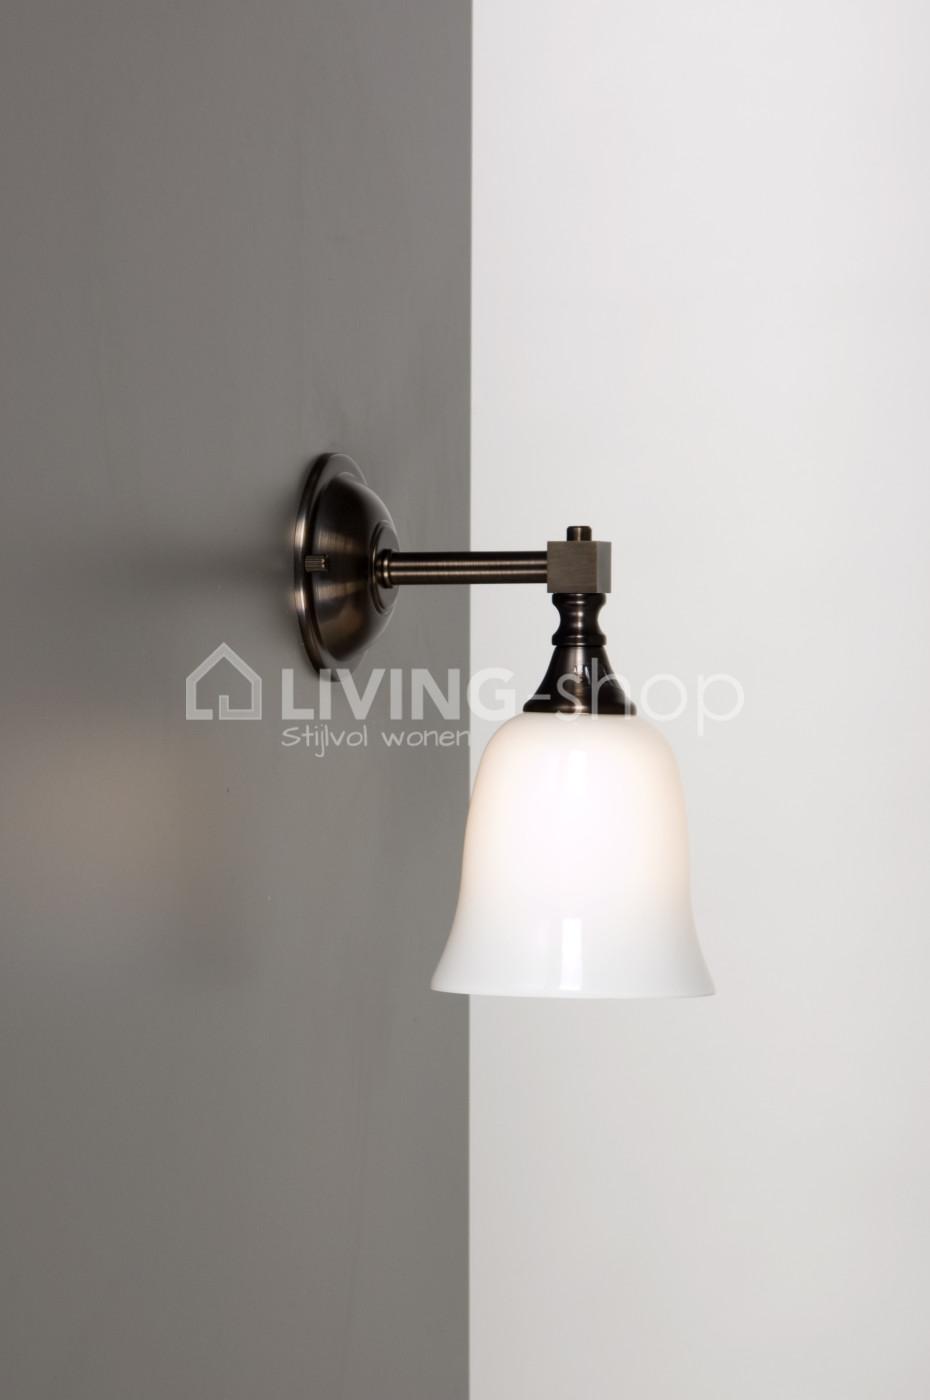 wandlamp-bainwat-classic-ip44-landelijke-badkamerverlichting